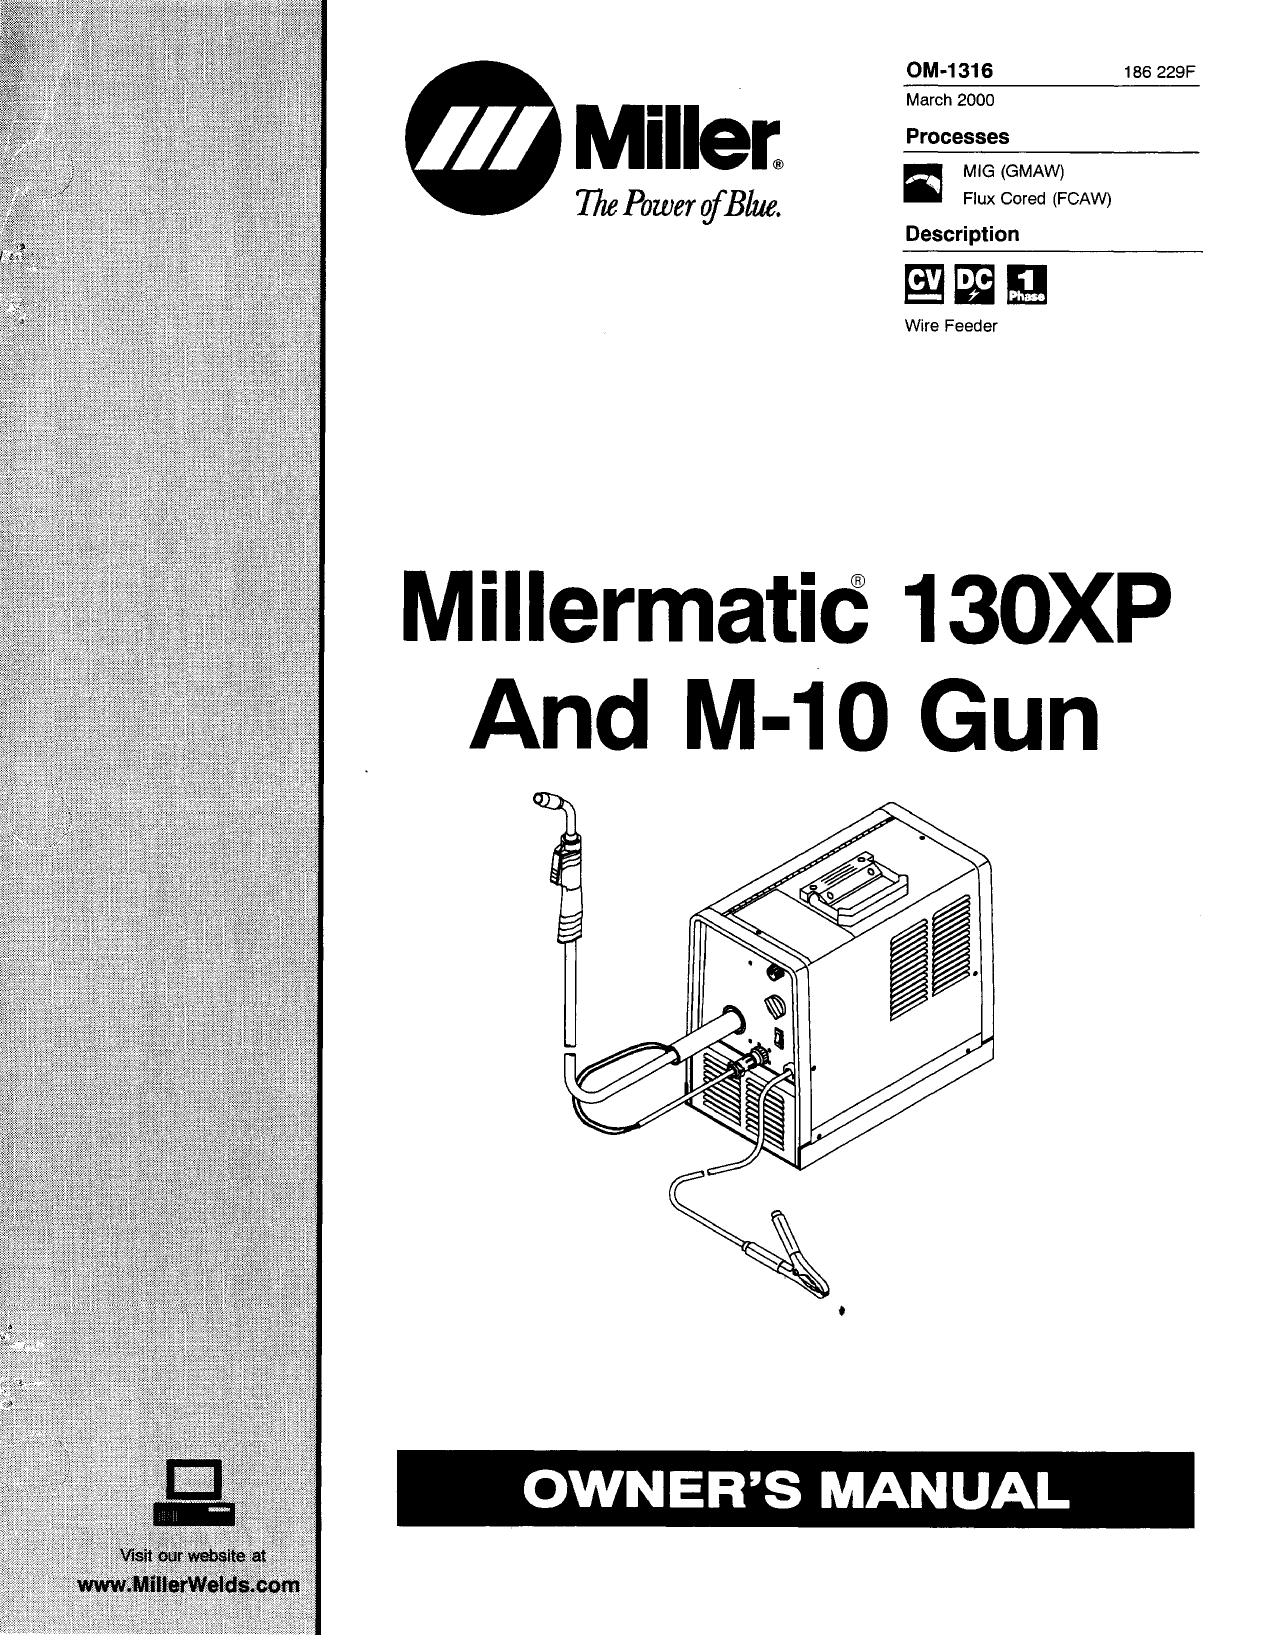 Miller KK40 Owner's manual   Manualzz